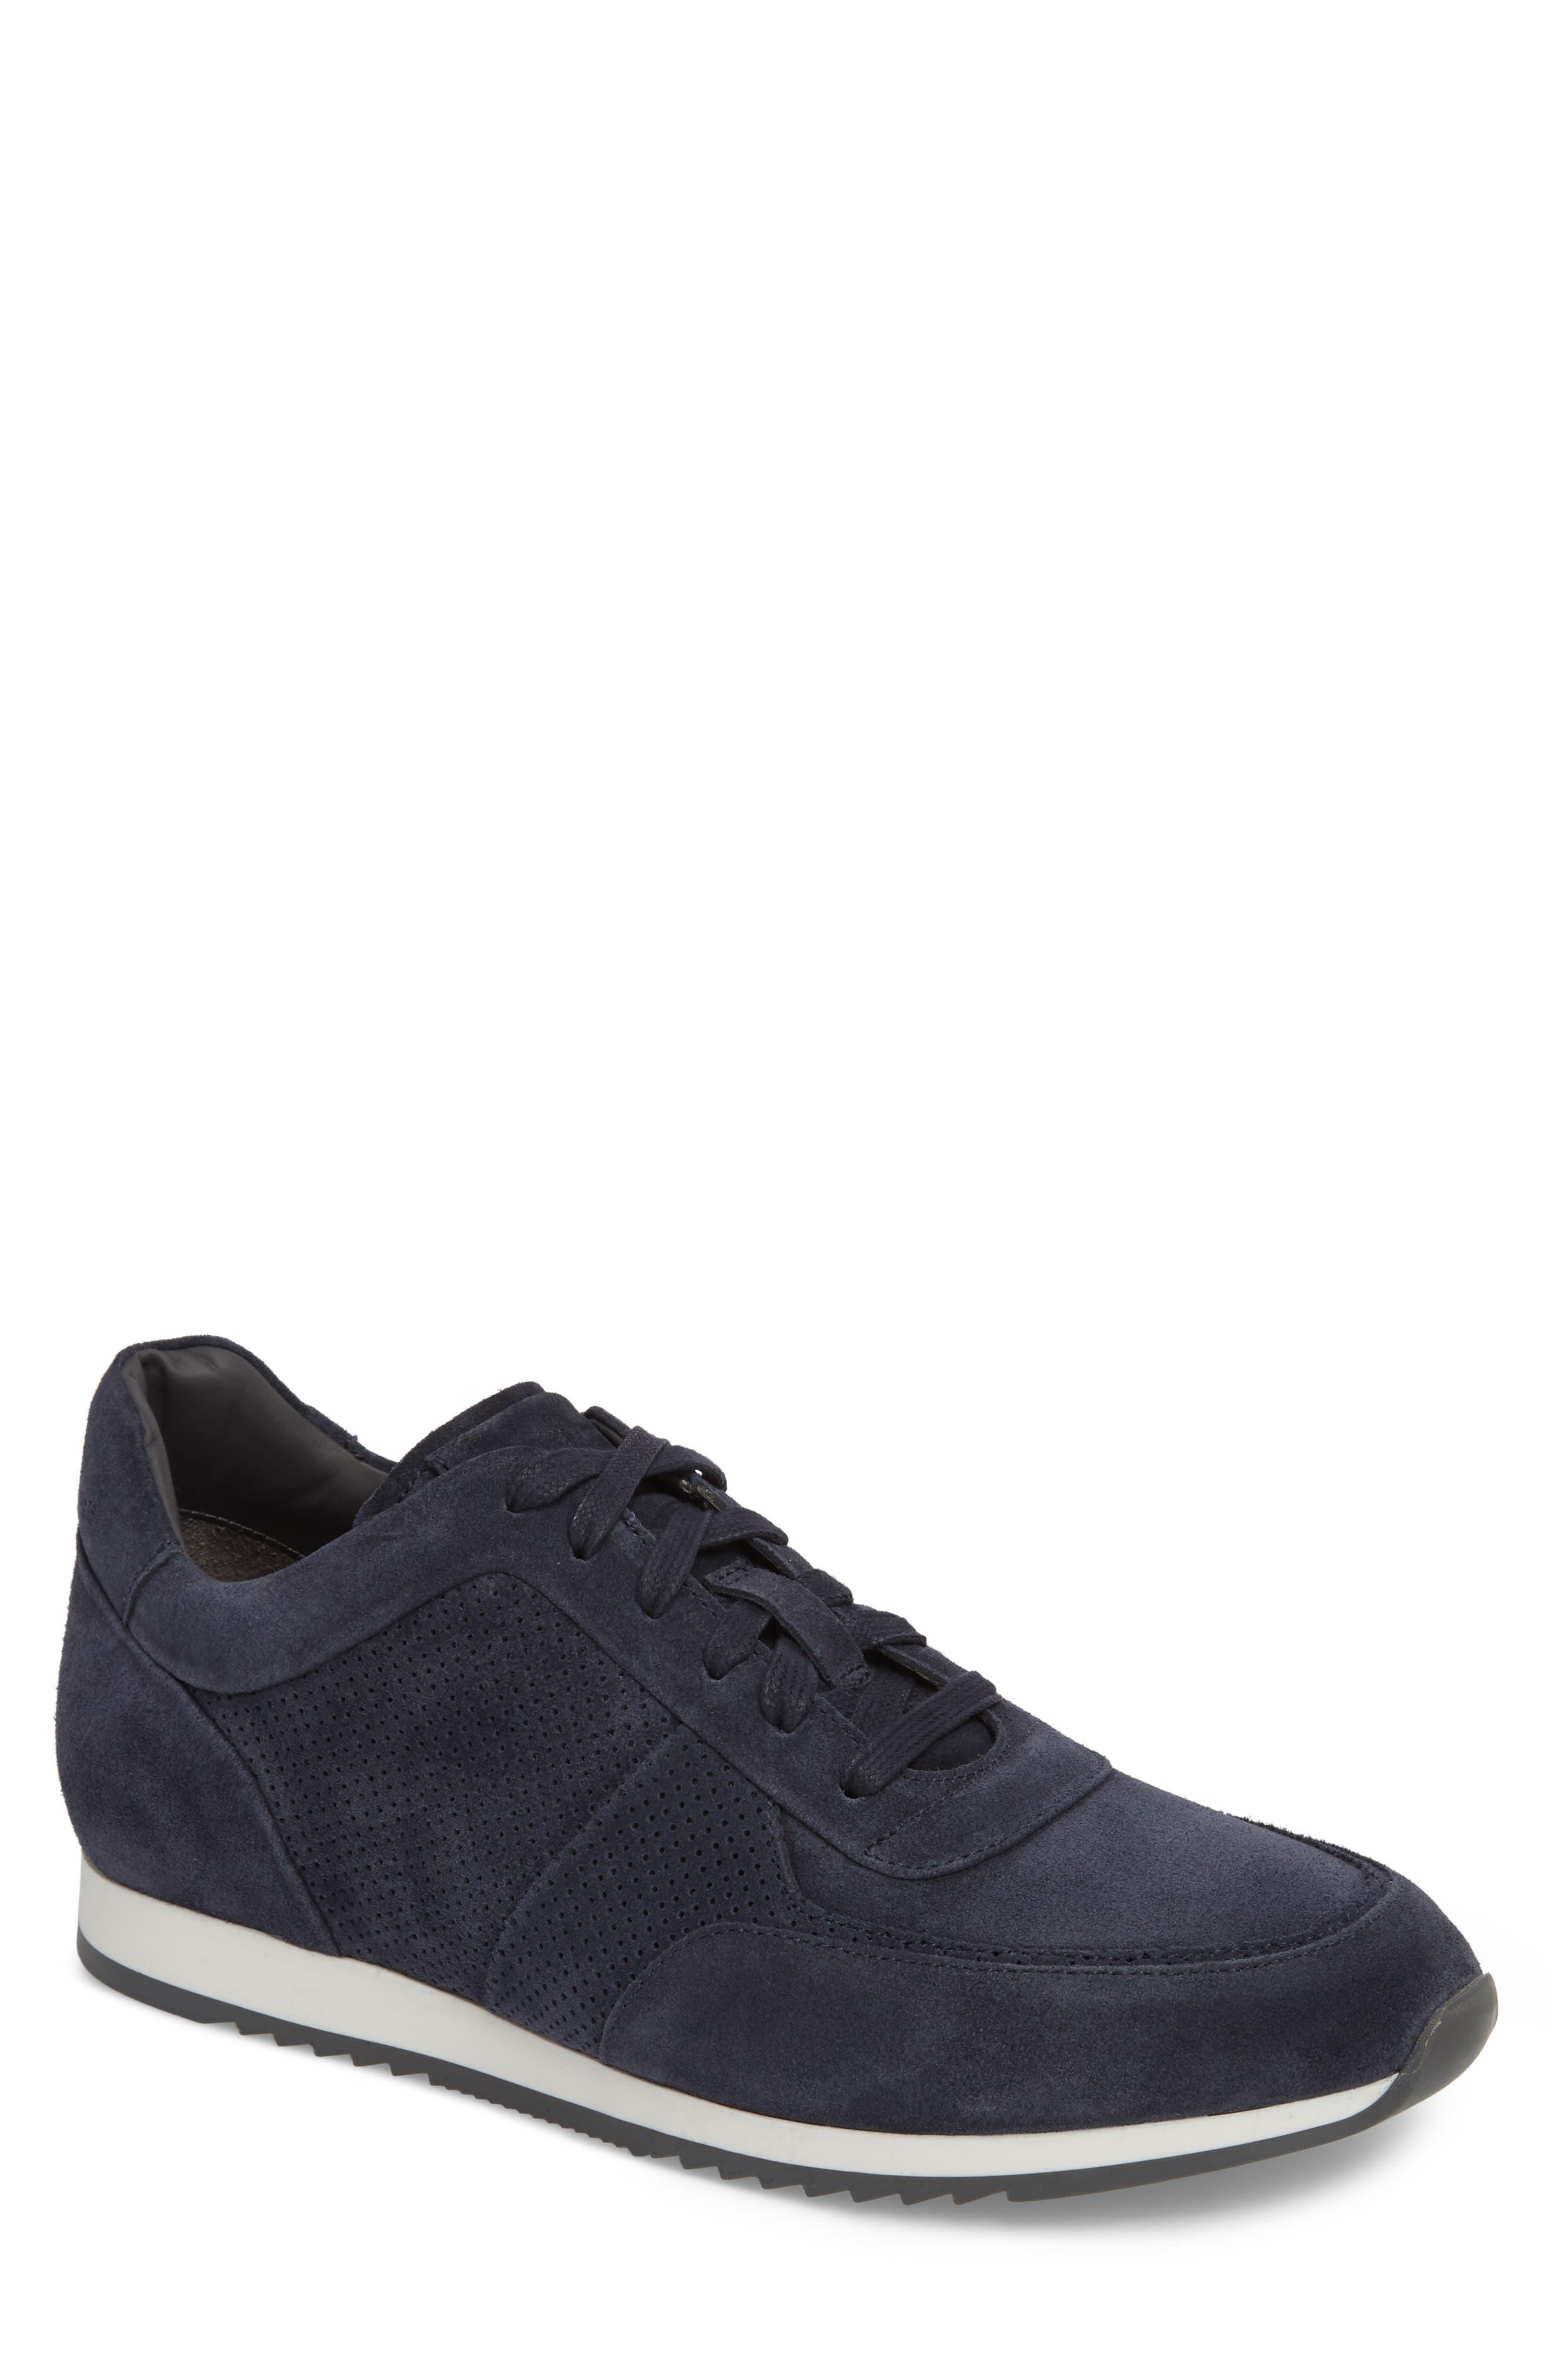 Alternate Image 1 Selected - To Boot New York Fordham Low Top Sneaker (Men)